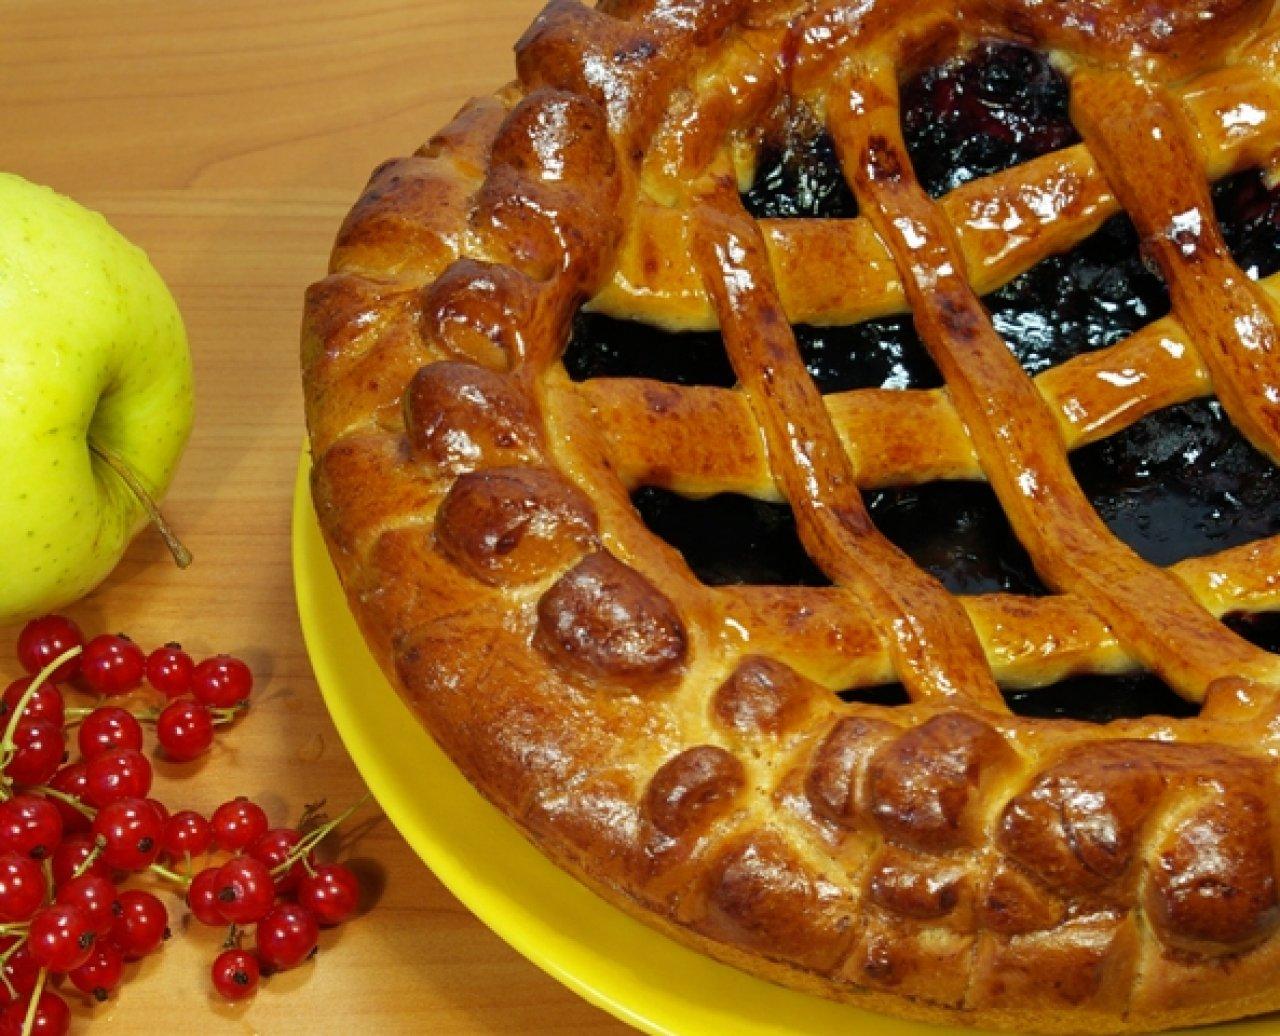 Пироги с решеткой называются полуоткрытыми